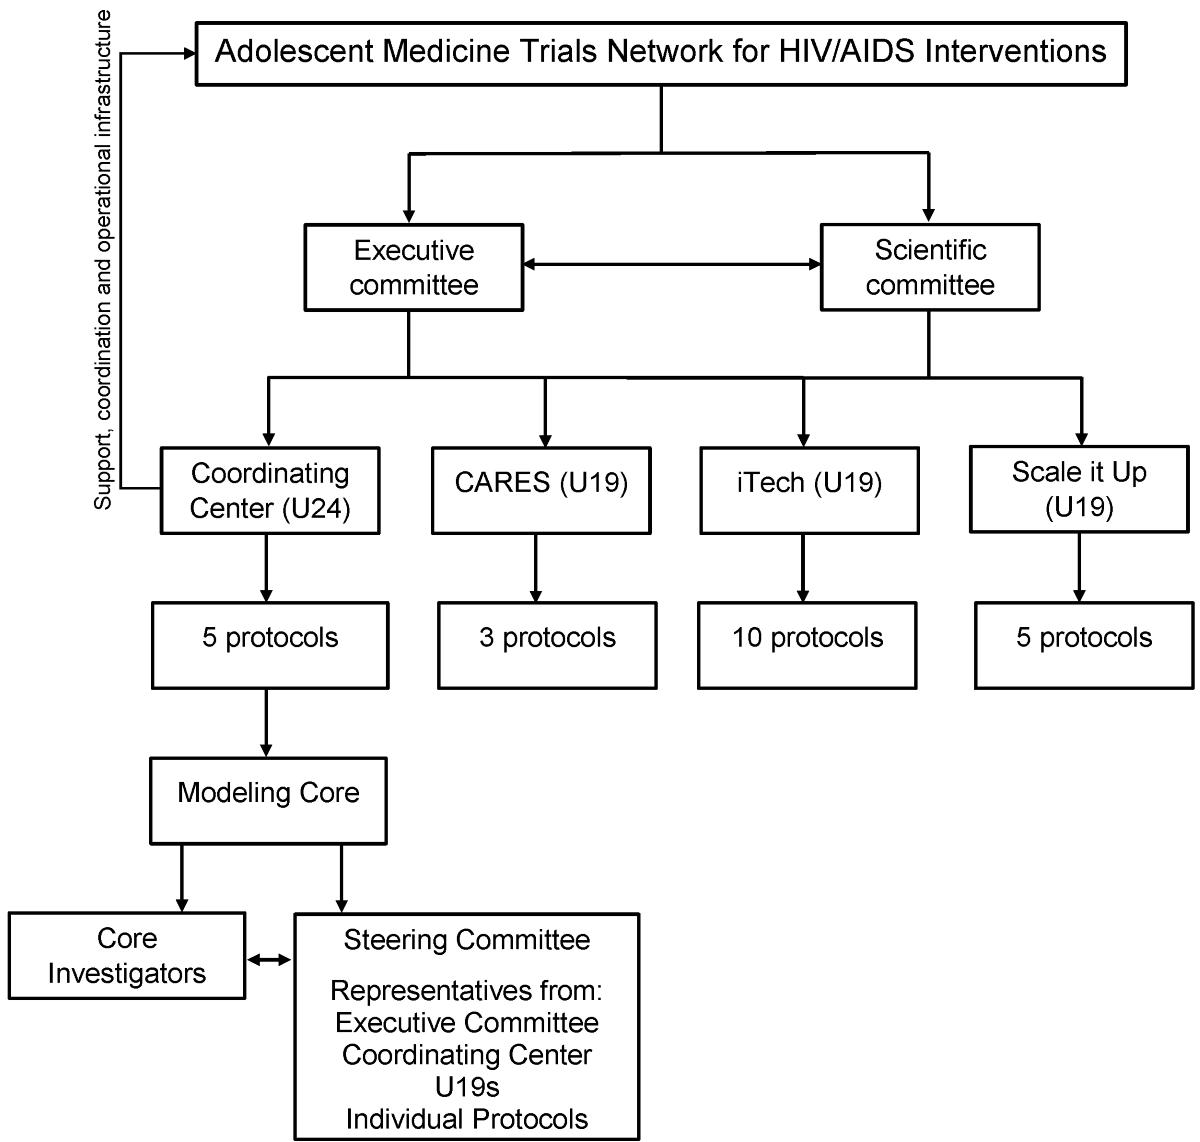 JRP - Model-Based Methods to Translate Adolescent Medicine